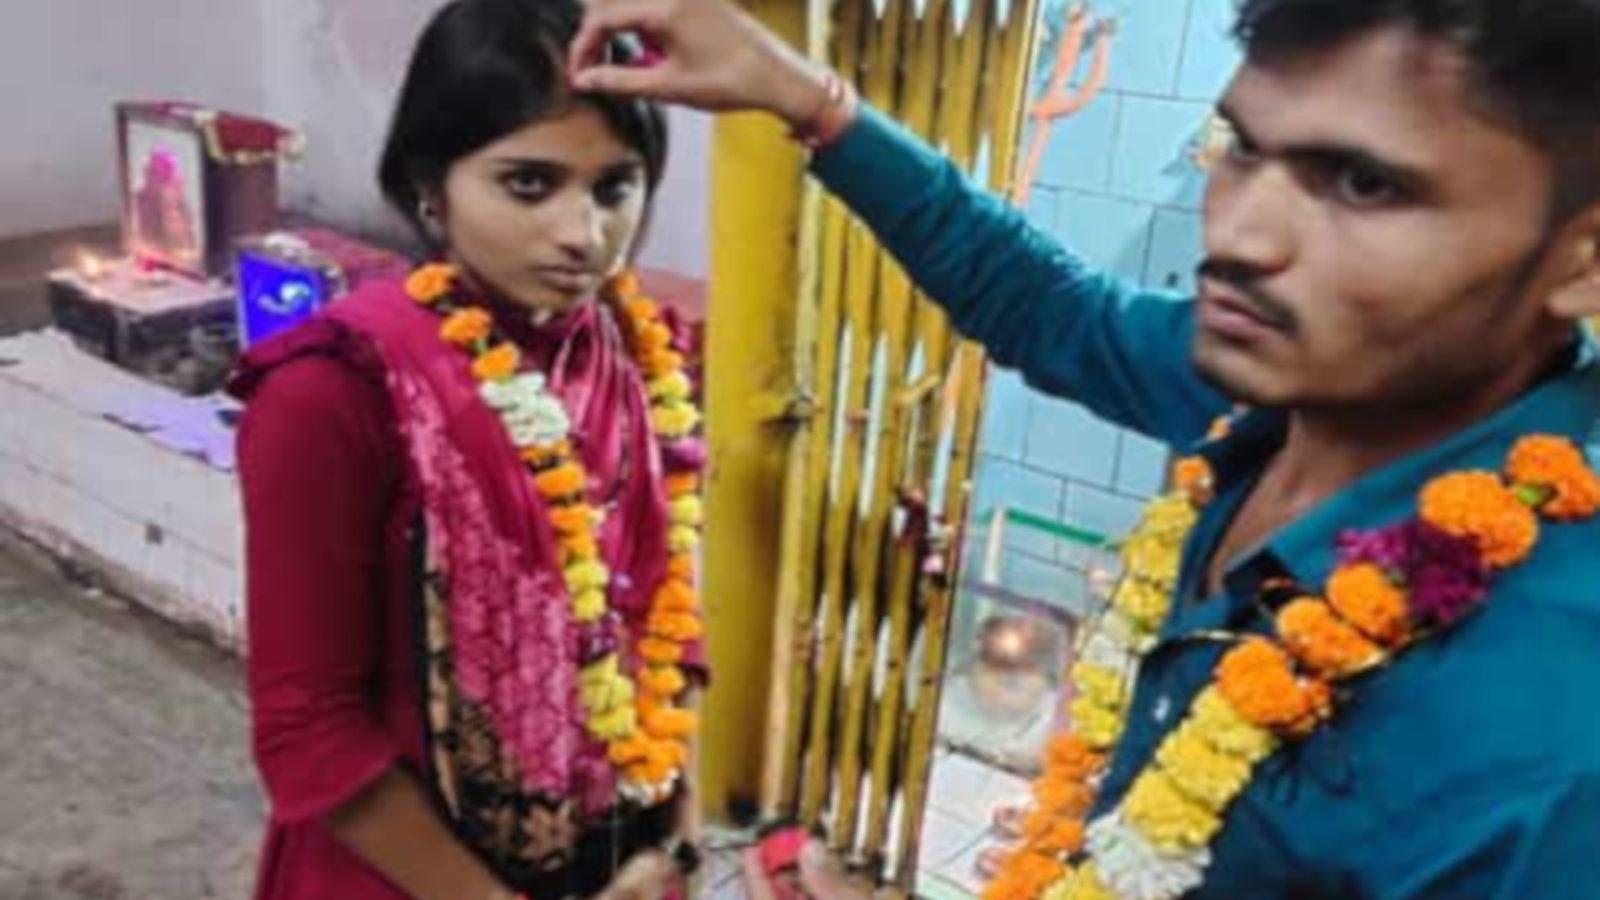 बैतूल में प्यार की जीत: Video वायरल हुआ तो परिवार वालों ने प्रेमी से ही कराई बेटी की शादी, जानें- पूरा मामला?